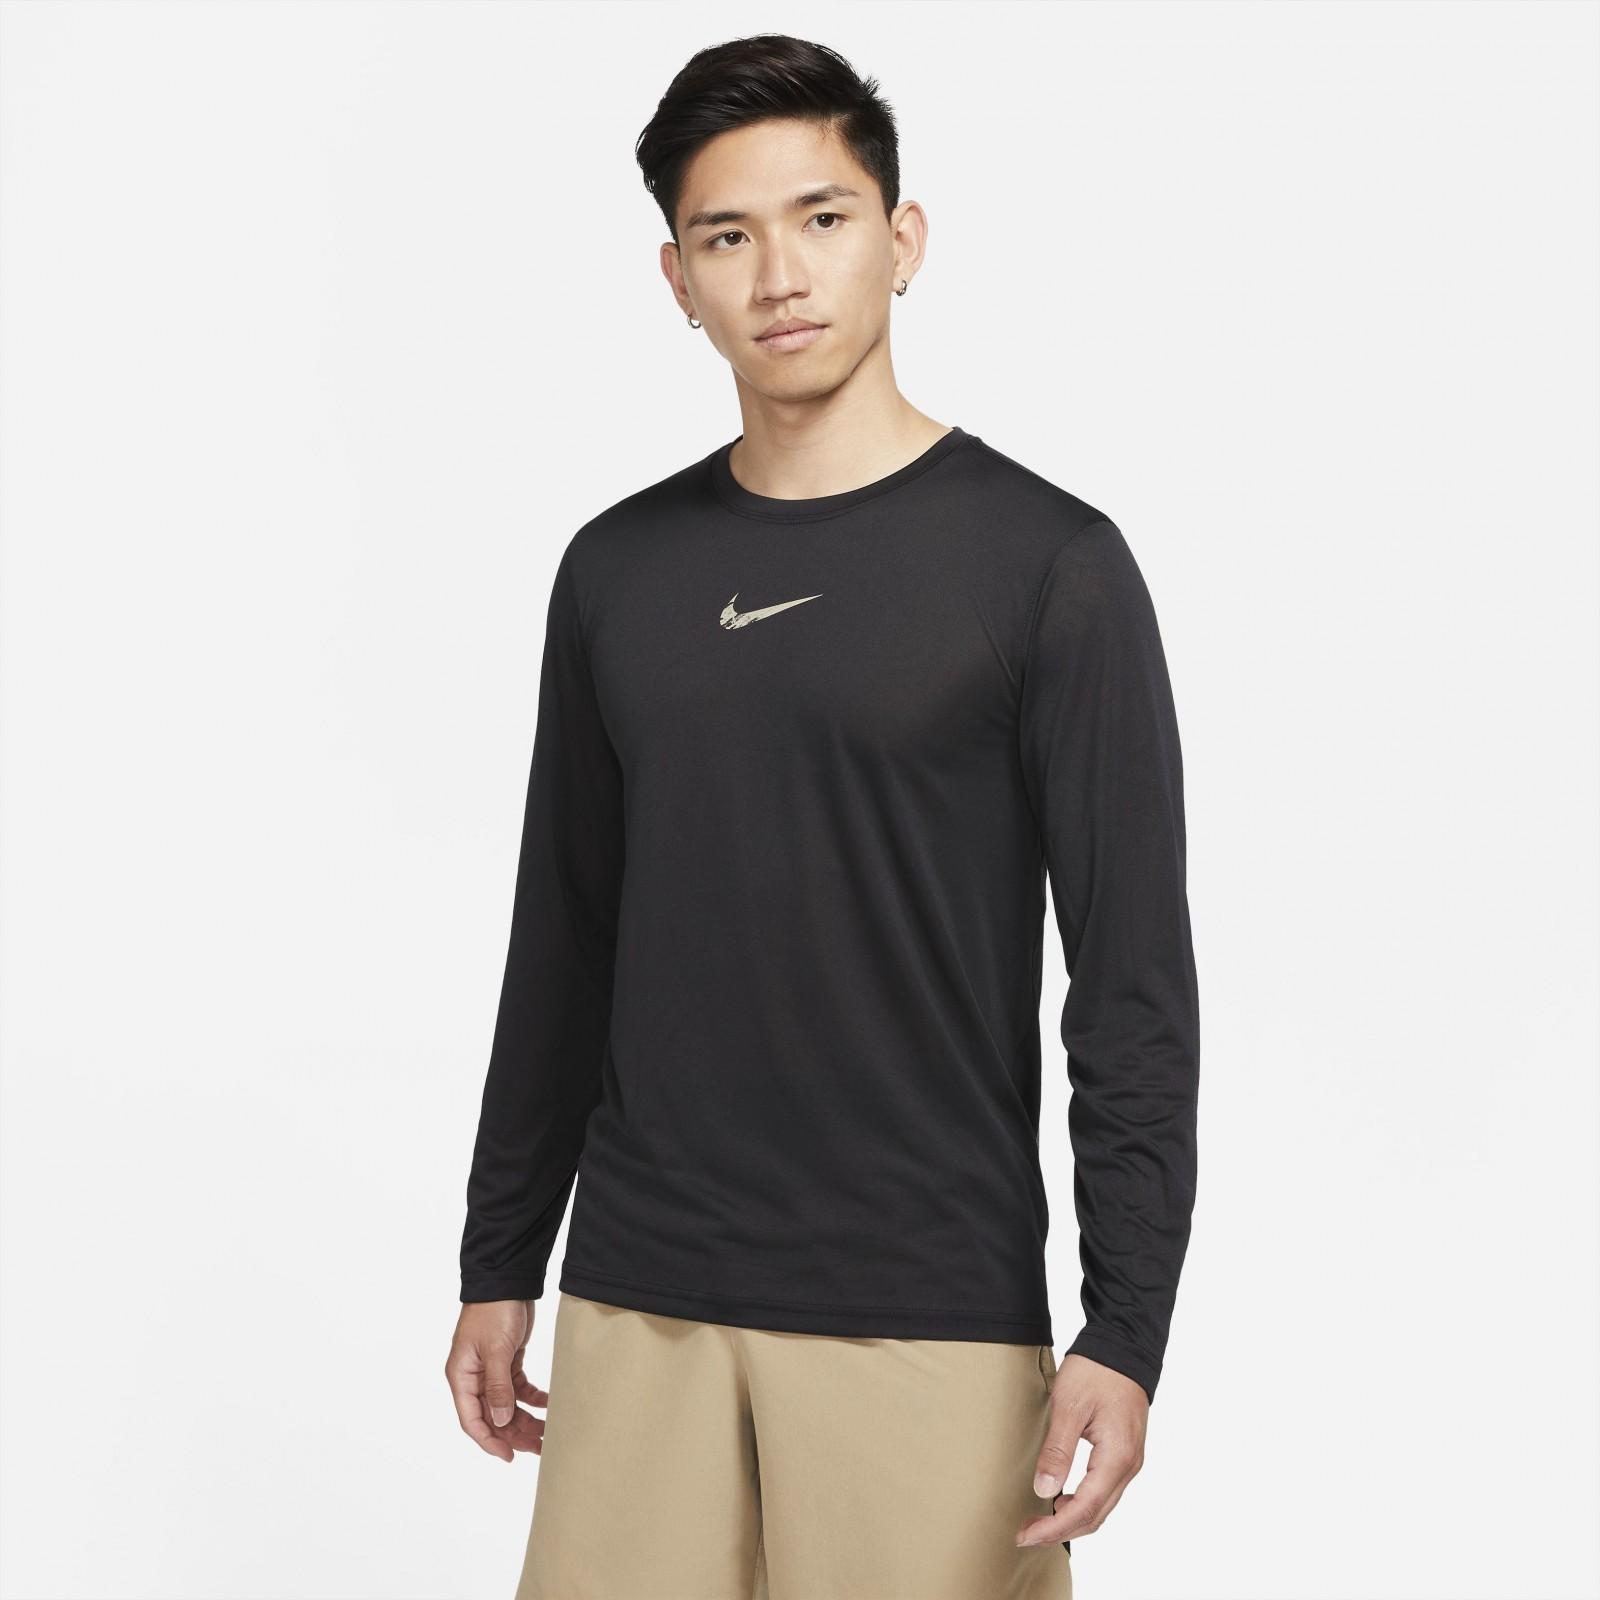 Nike Dri-FIT BLACK